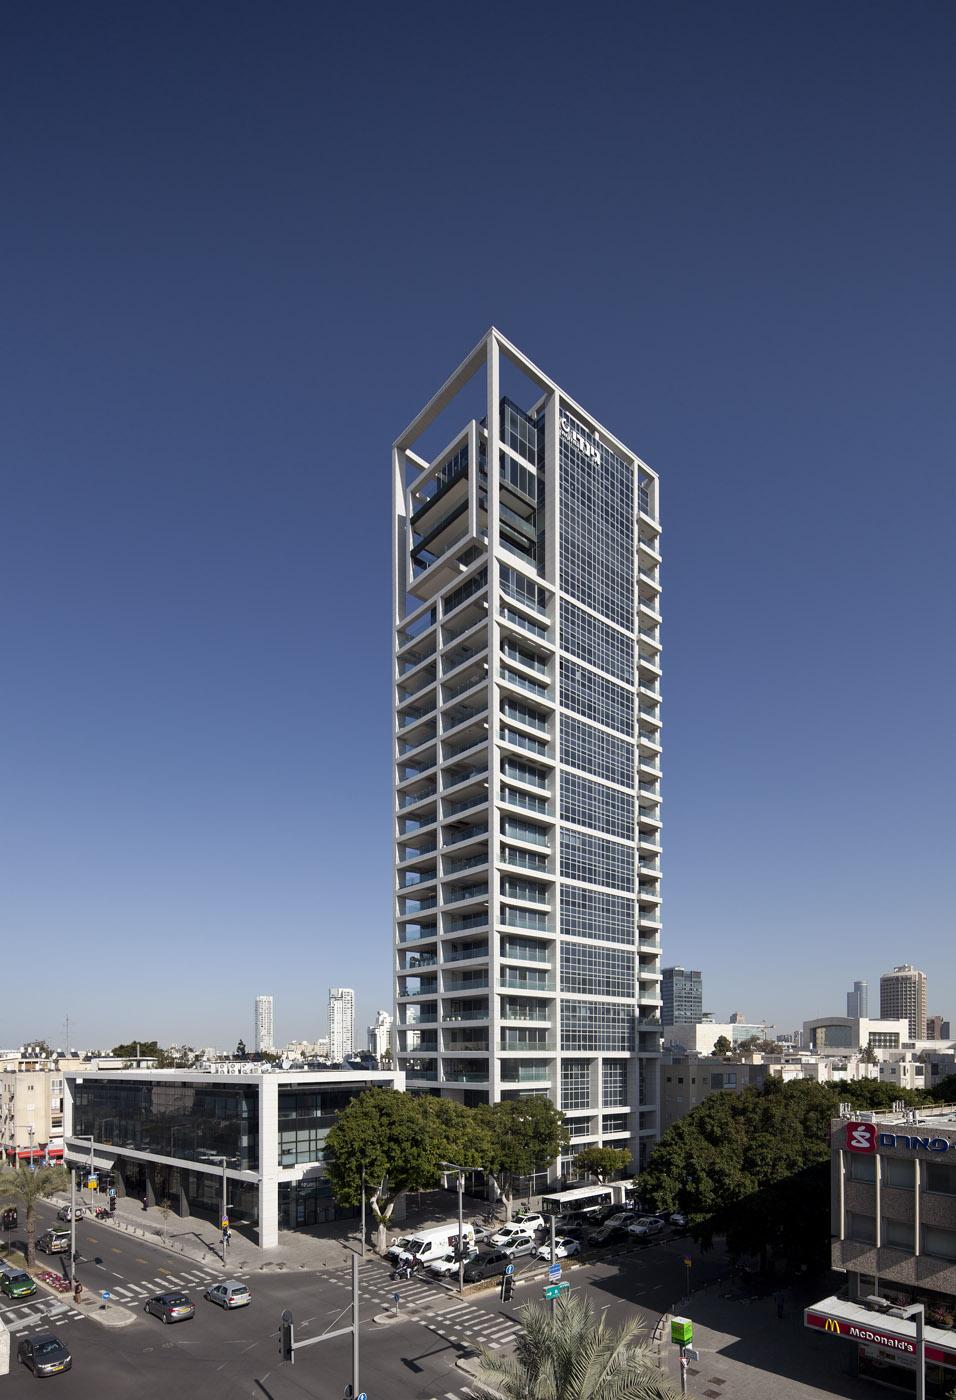 מגדל השופטים, תל אביב (בשיתוף רני זיס אדריכלים). צילום: עמית גרון